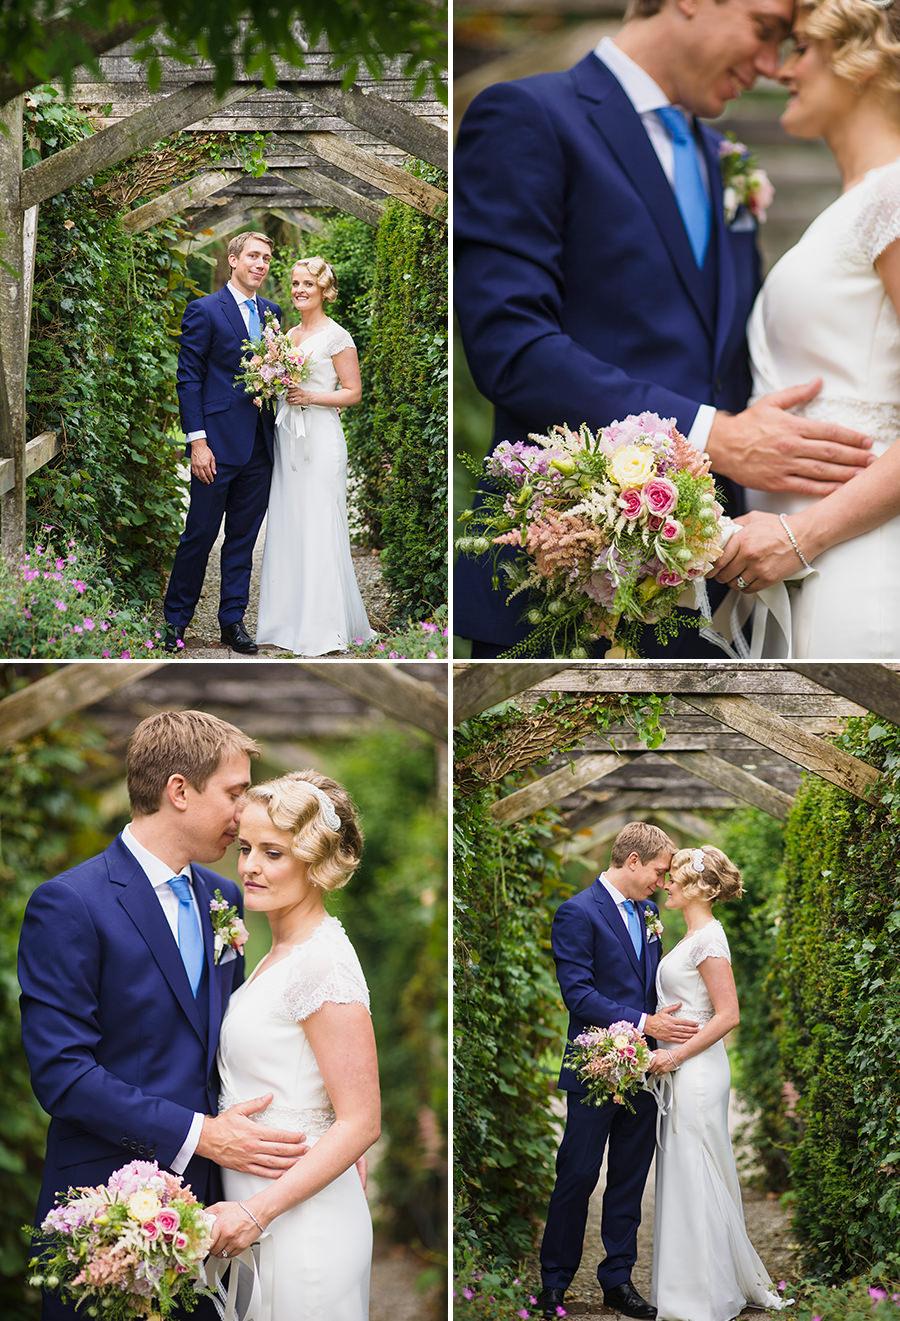 33_marlfield house wedding_Ireland wedding photographers